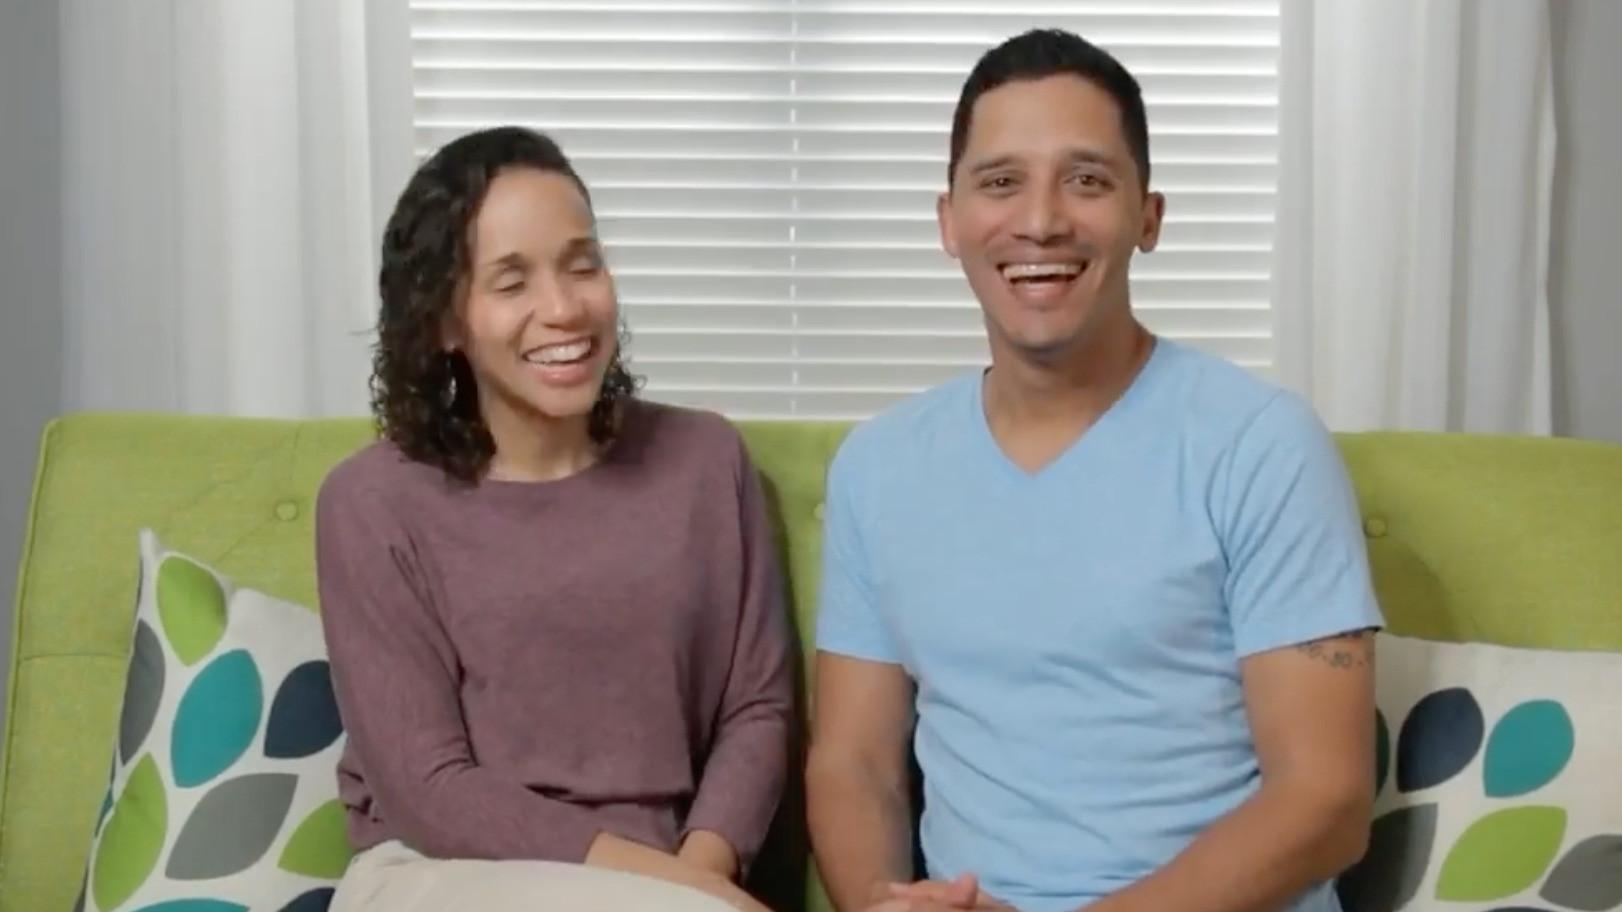 The Couples Quarantine Survival Kit